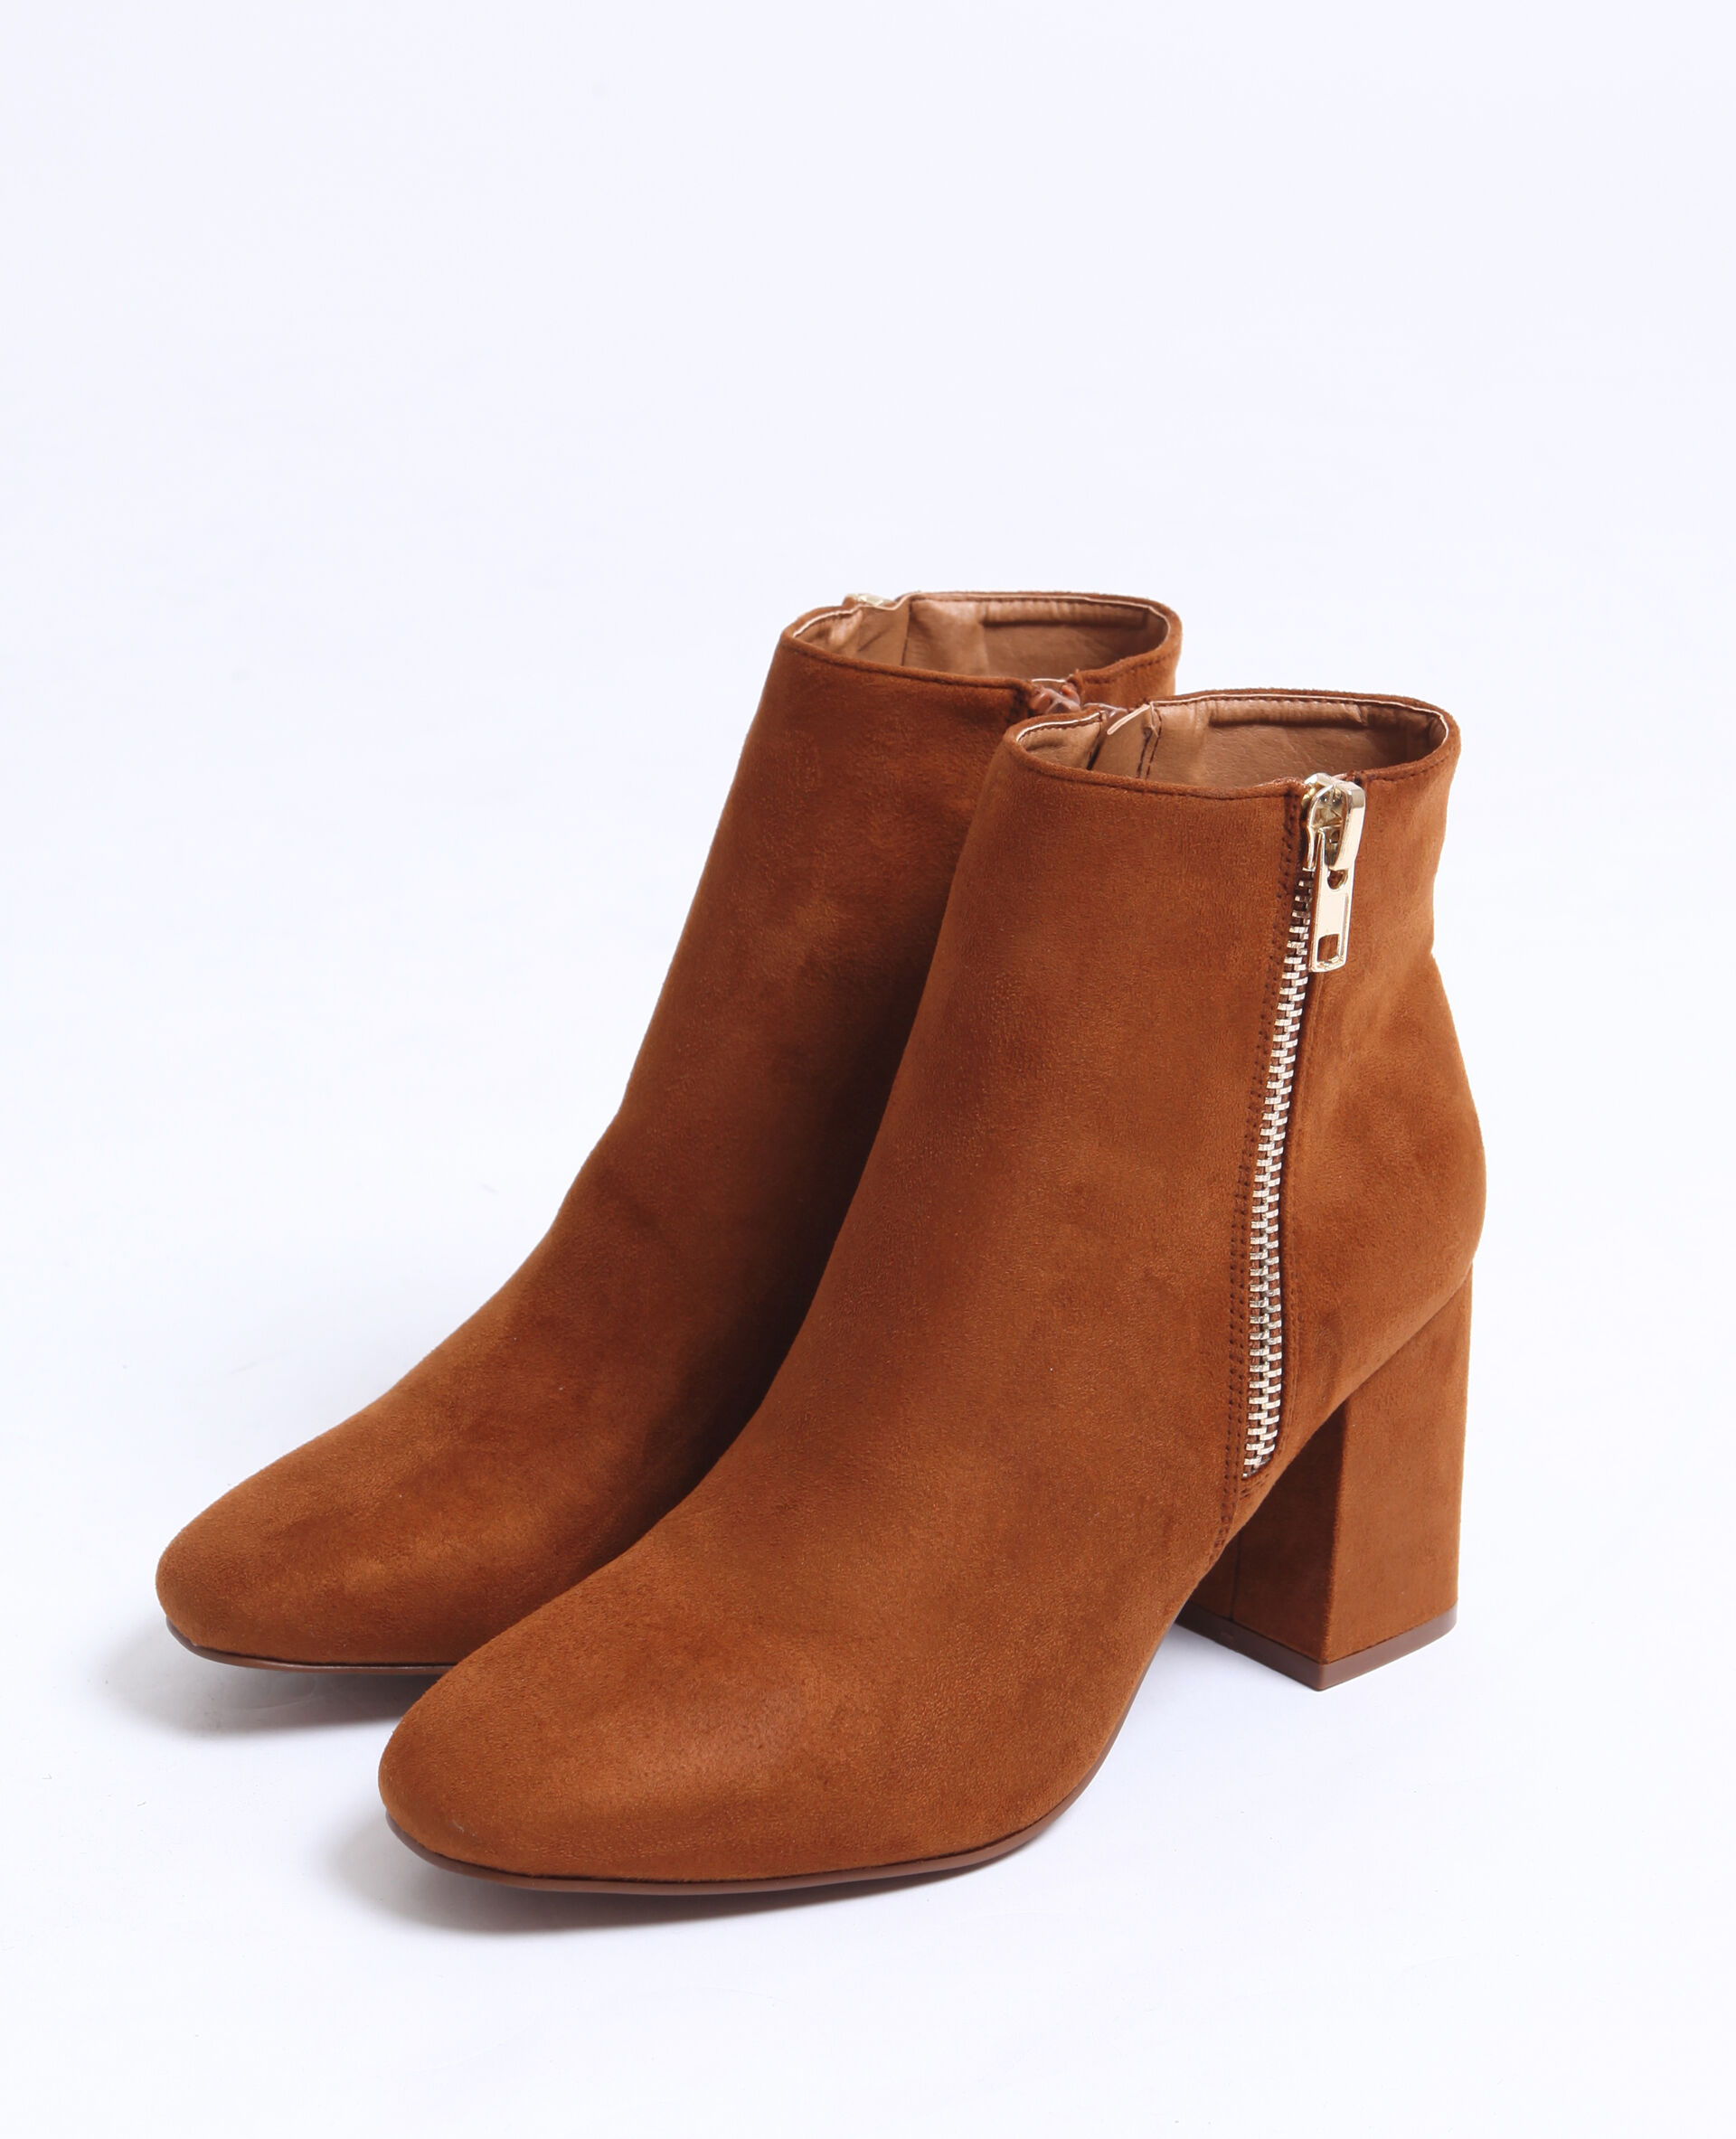 Bottines suédine Femme - Couleur marron - Taille 38 - PIMKIE - MODE FEMME